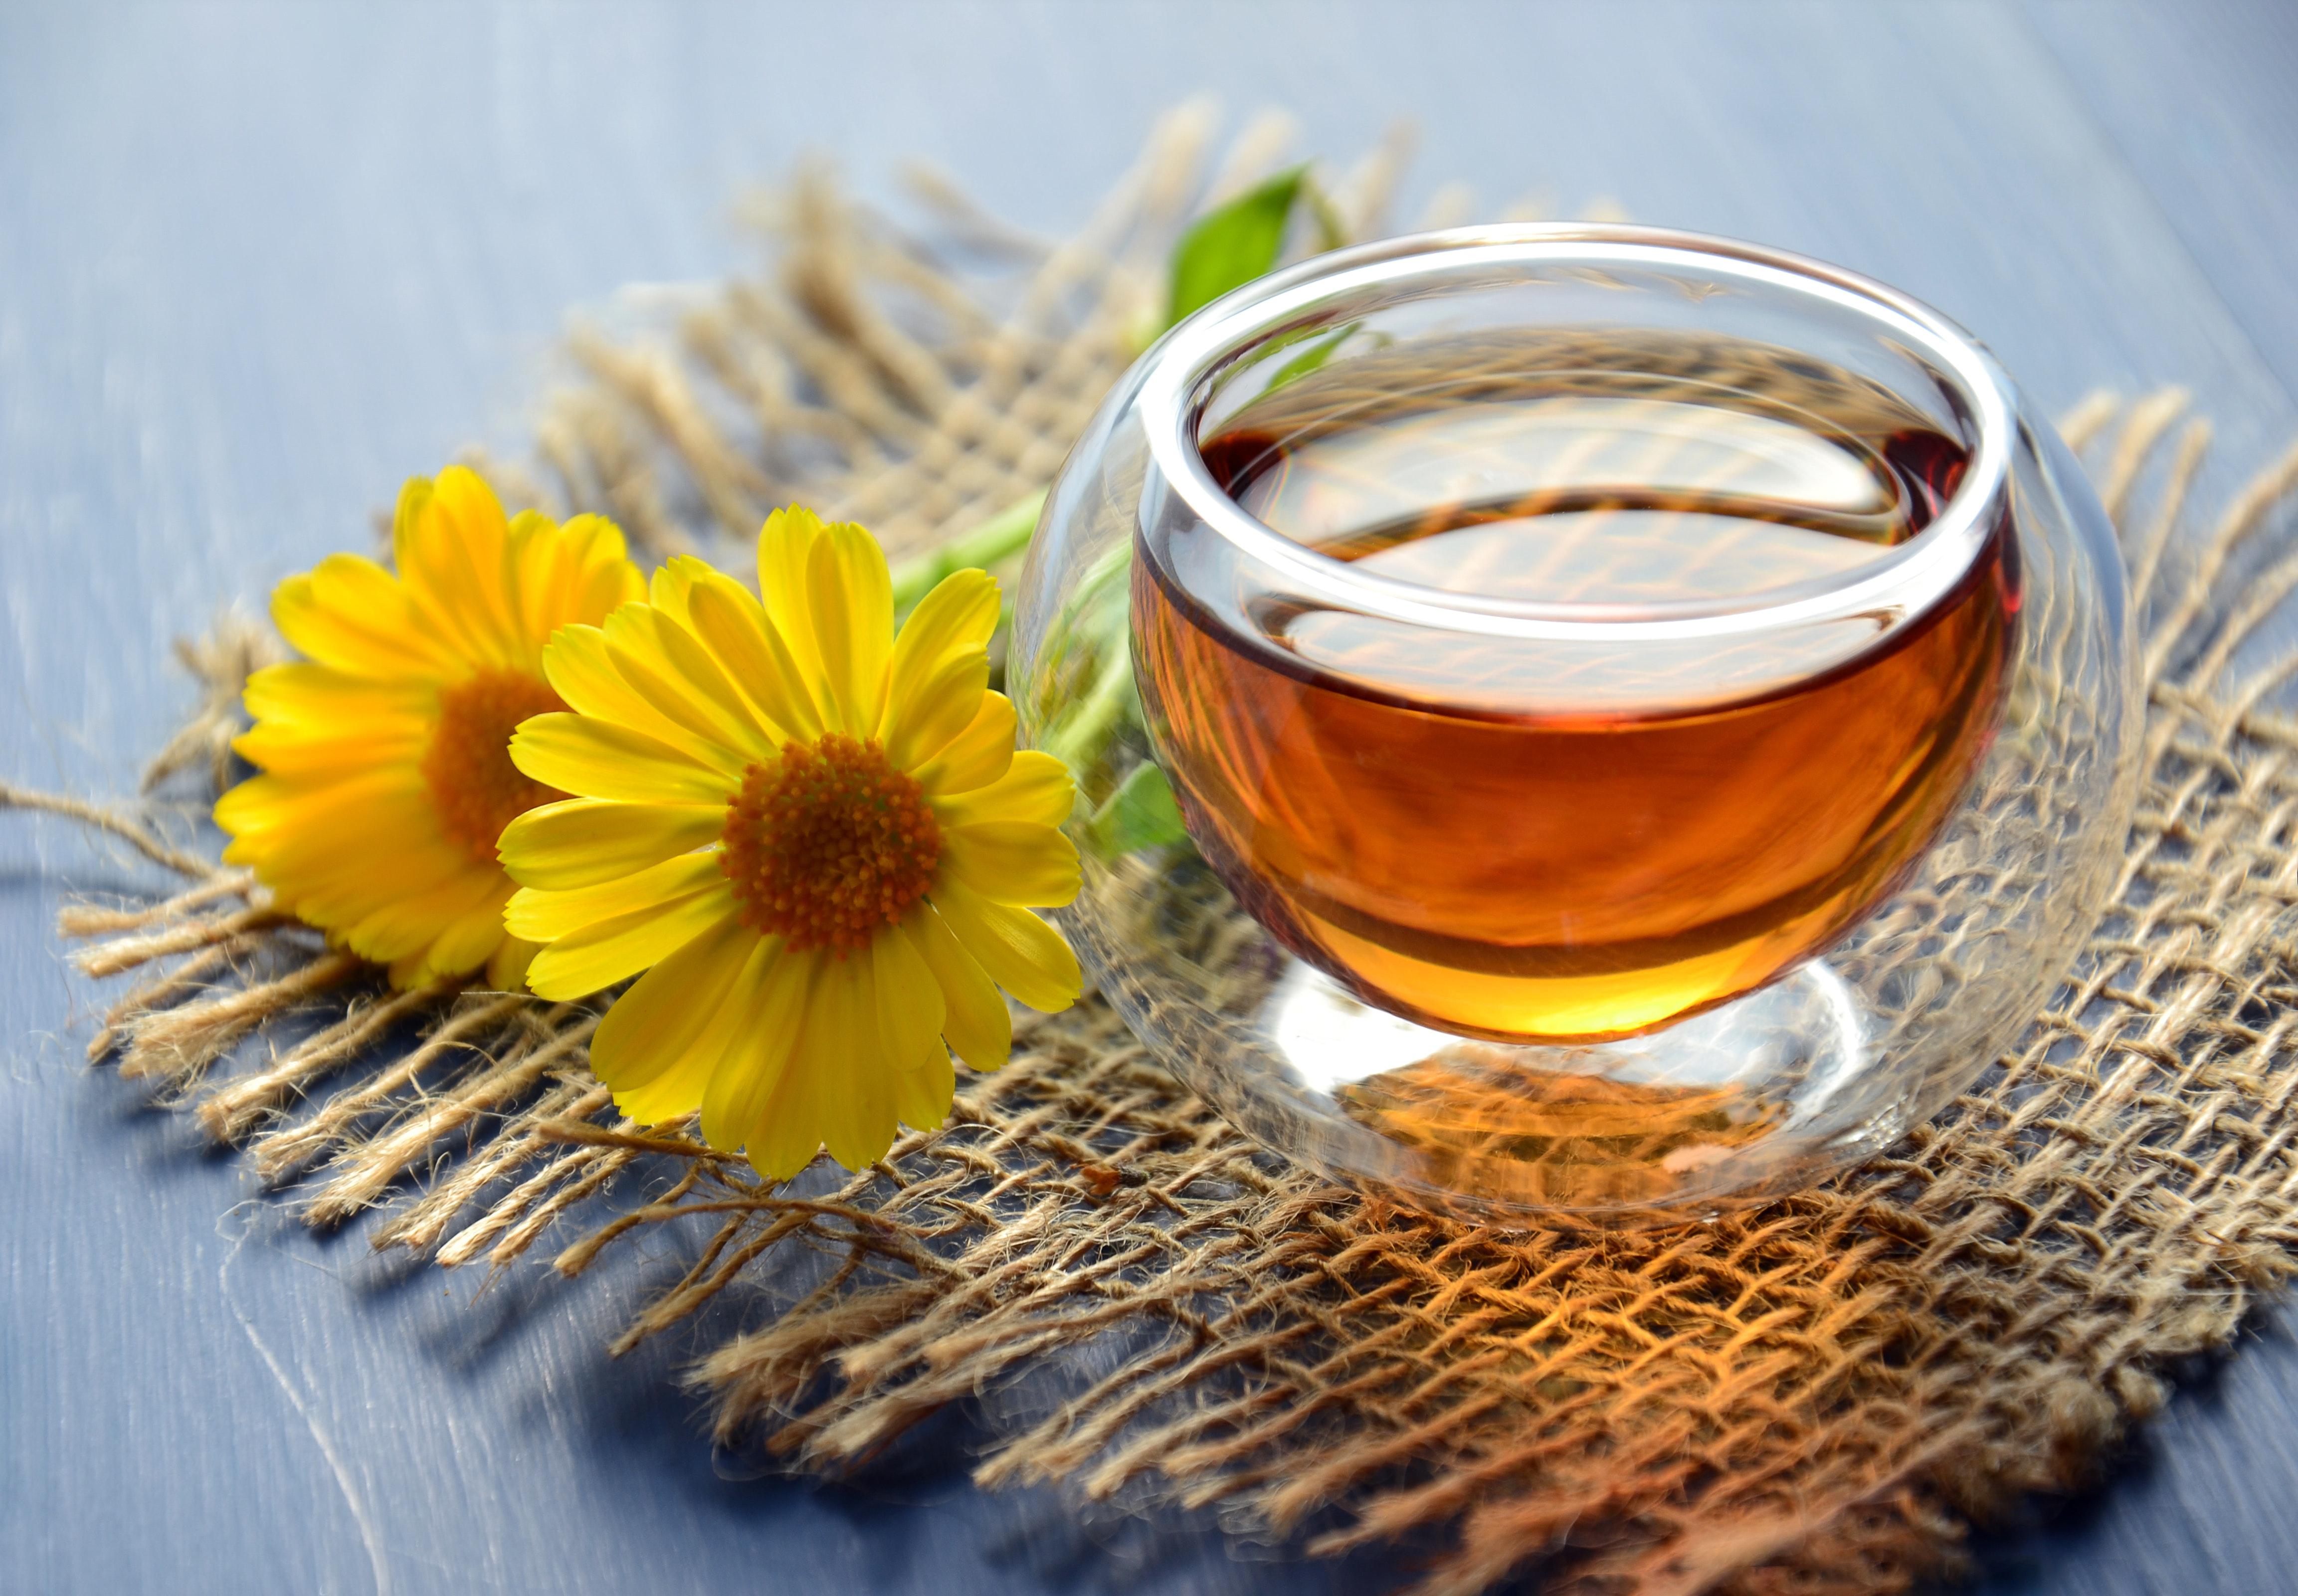 Herbal tea with edible flowers